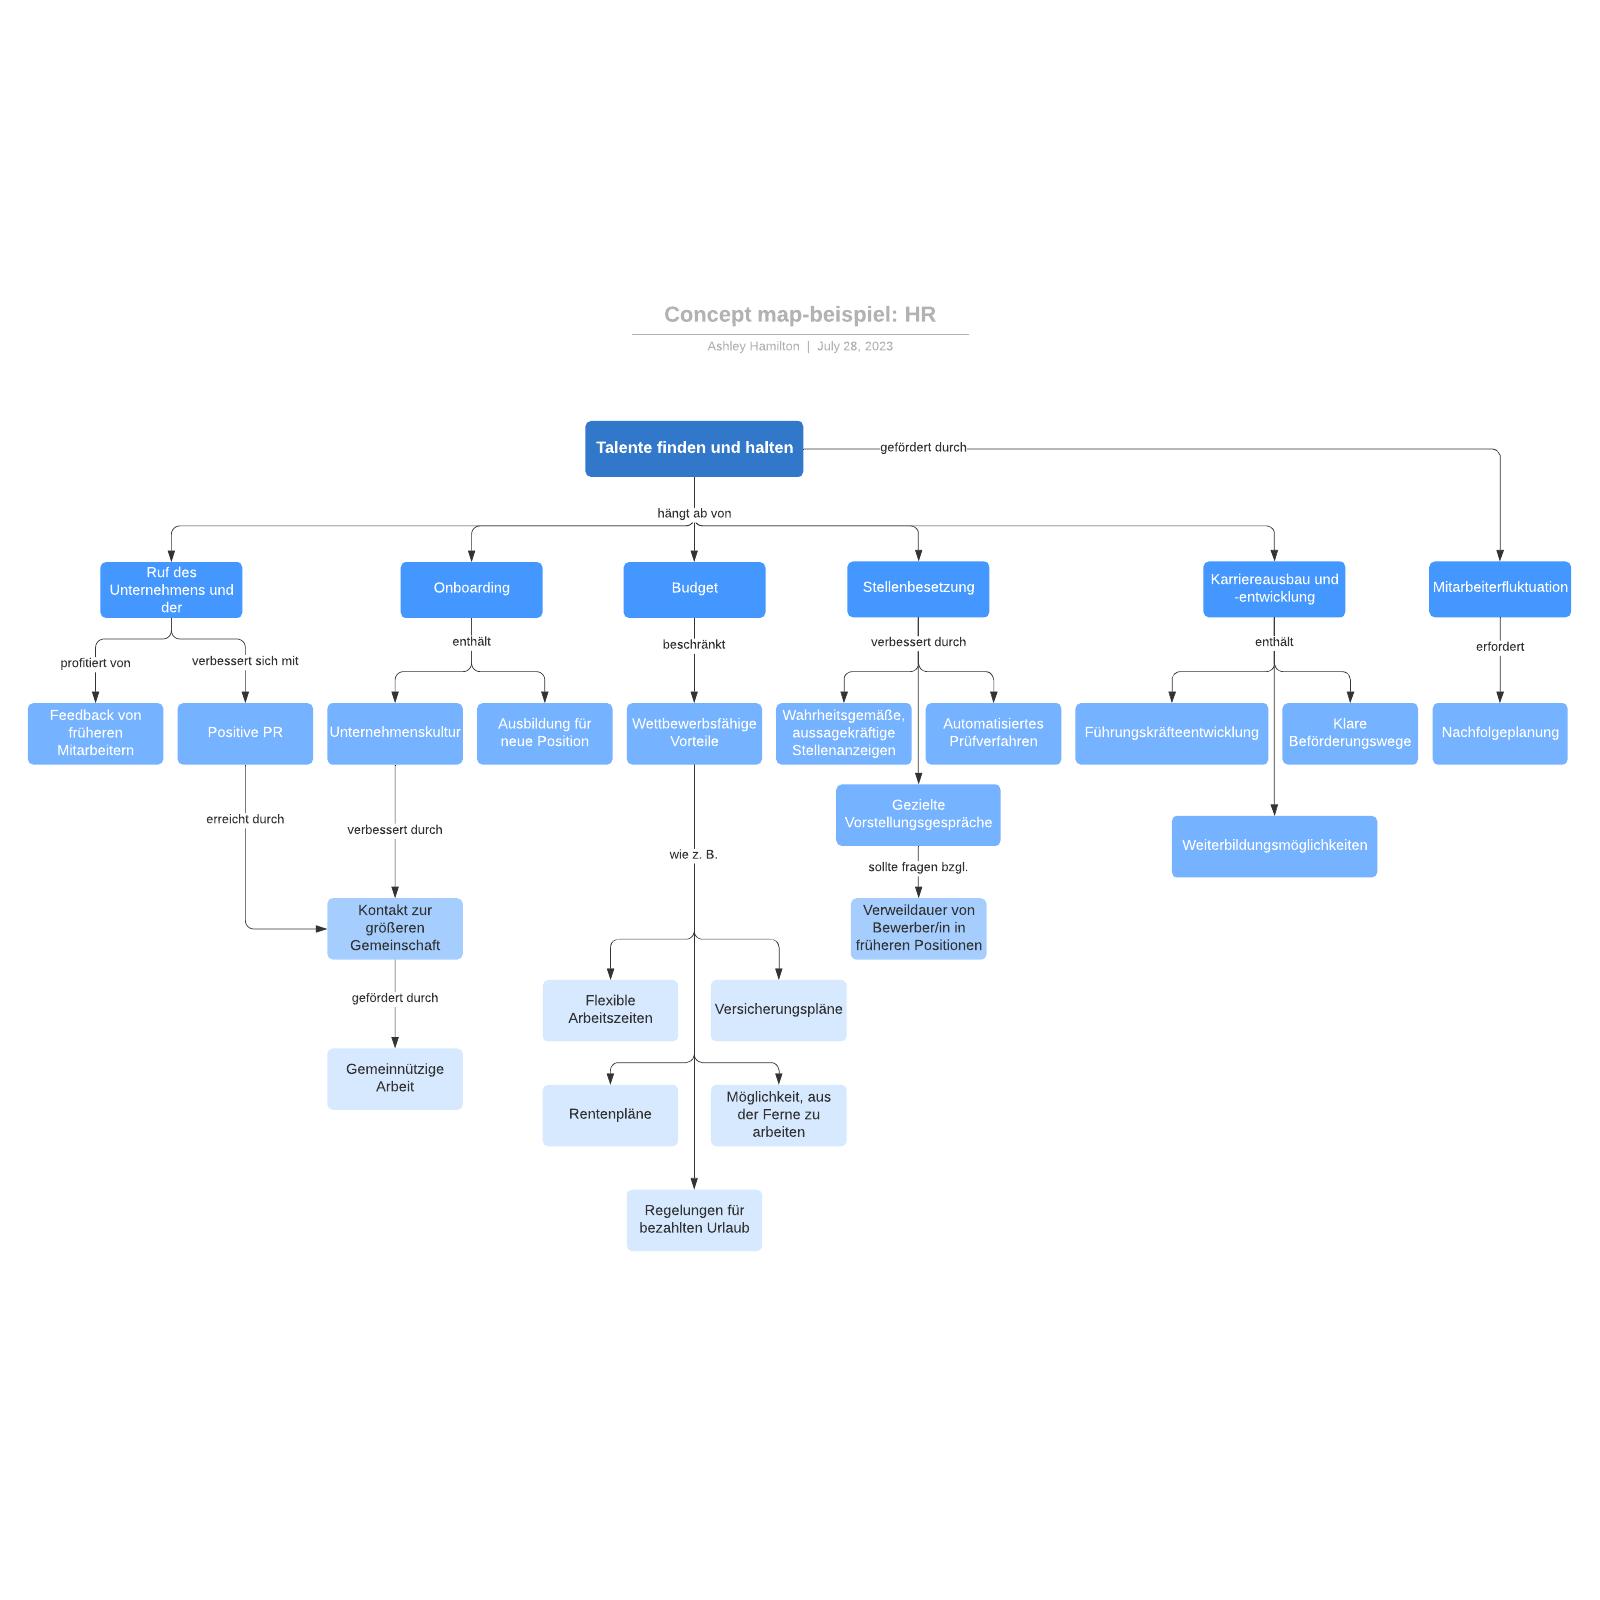 HR Concept Map Beispiel